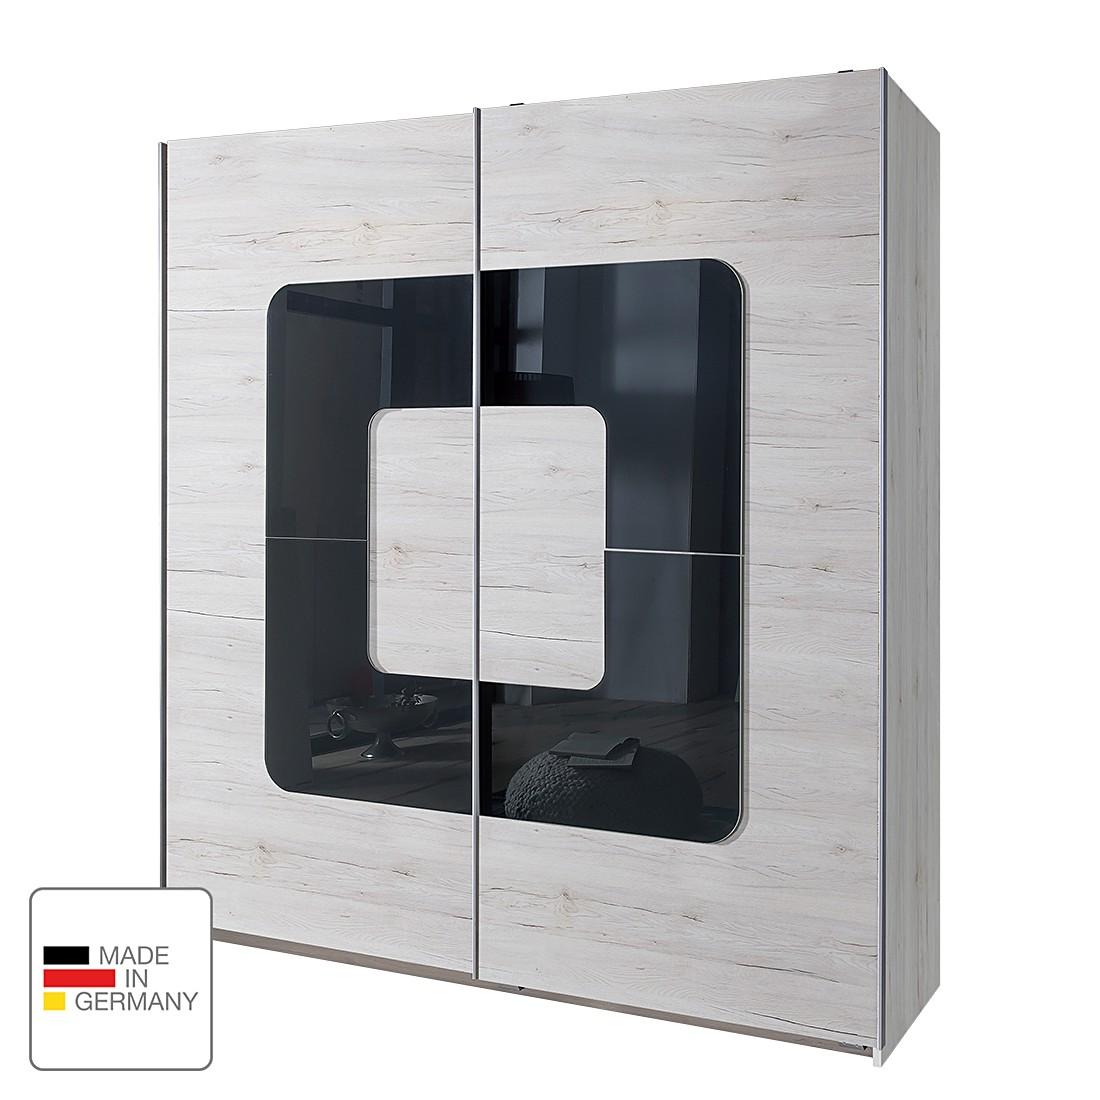 Schwebetürenschrank Curve – Weißeiche / Glas Grau, Wimex günstig online kaufen